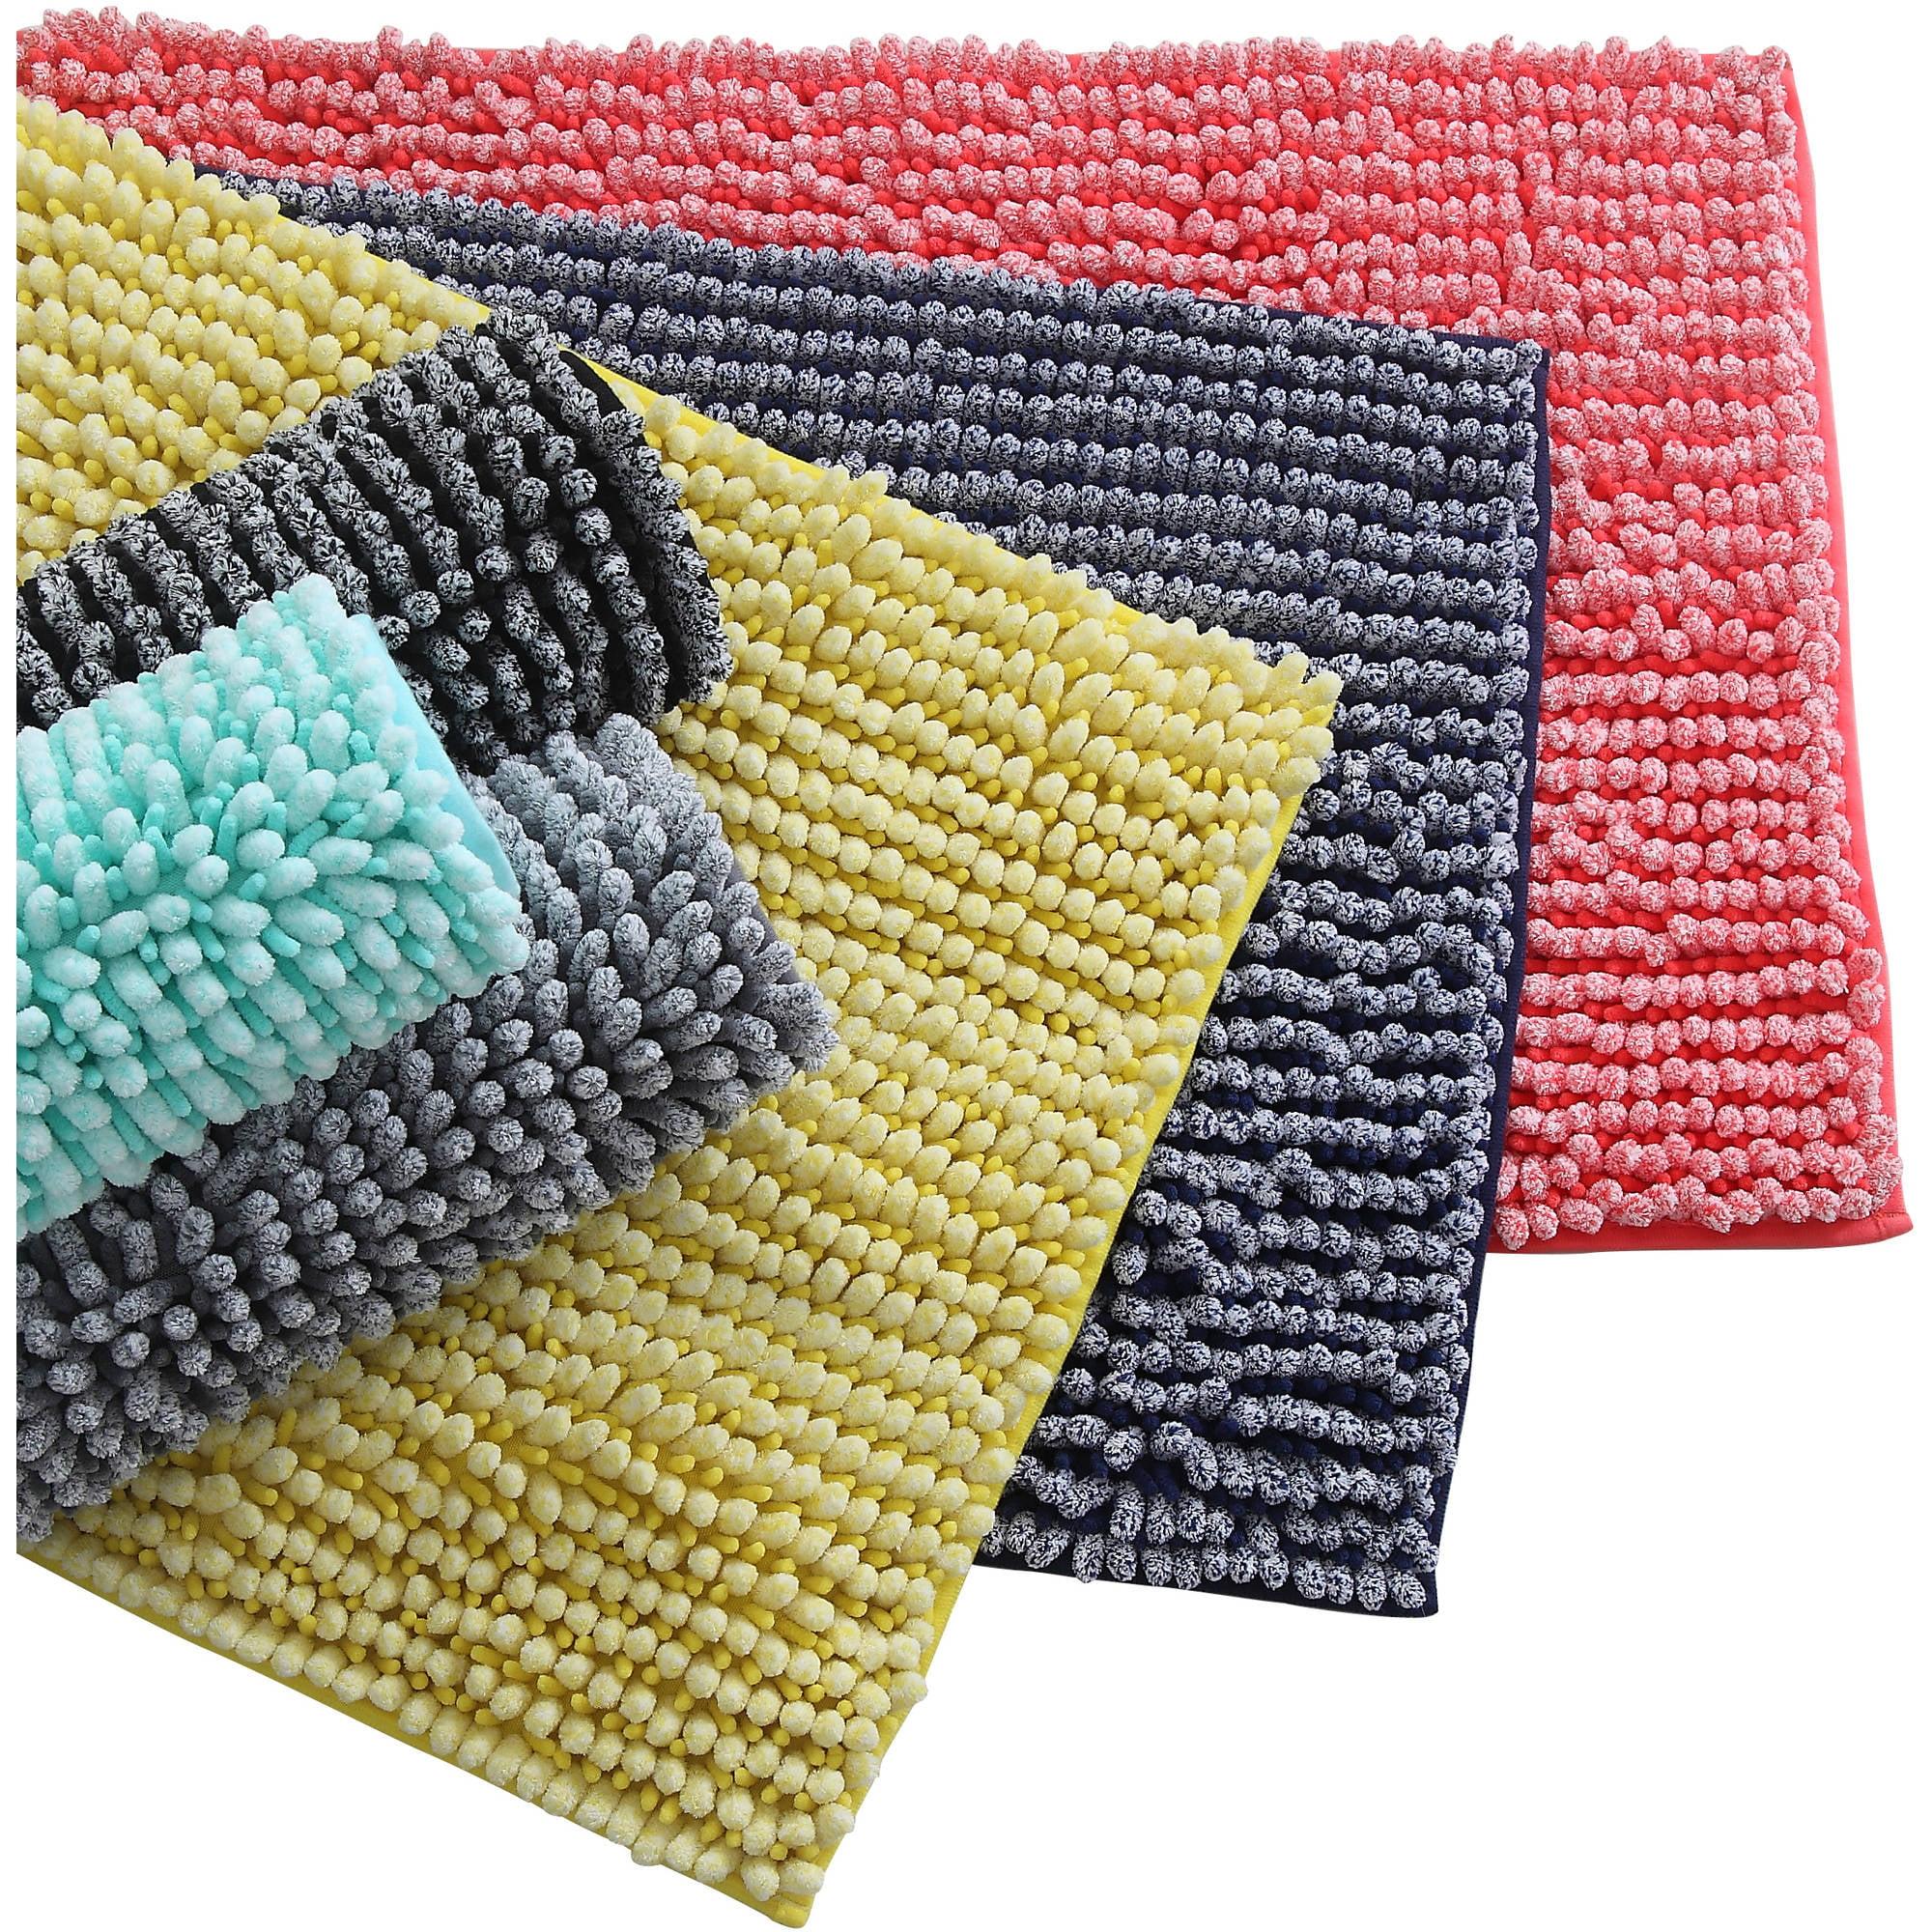 discontinued*** mainstays microfiber noodle bath rug - walmart